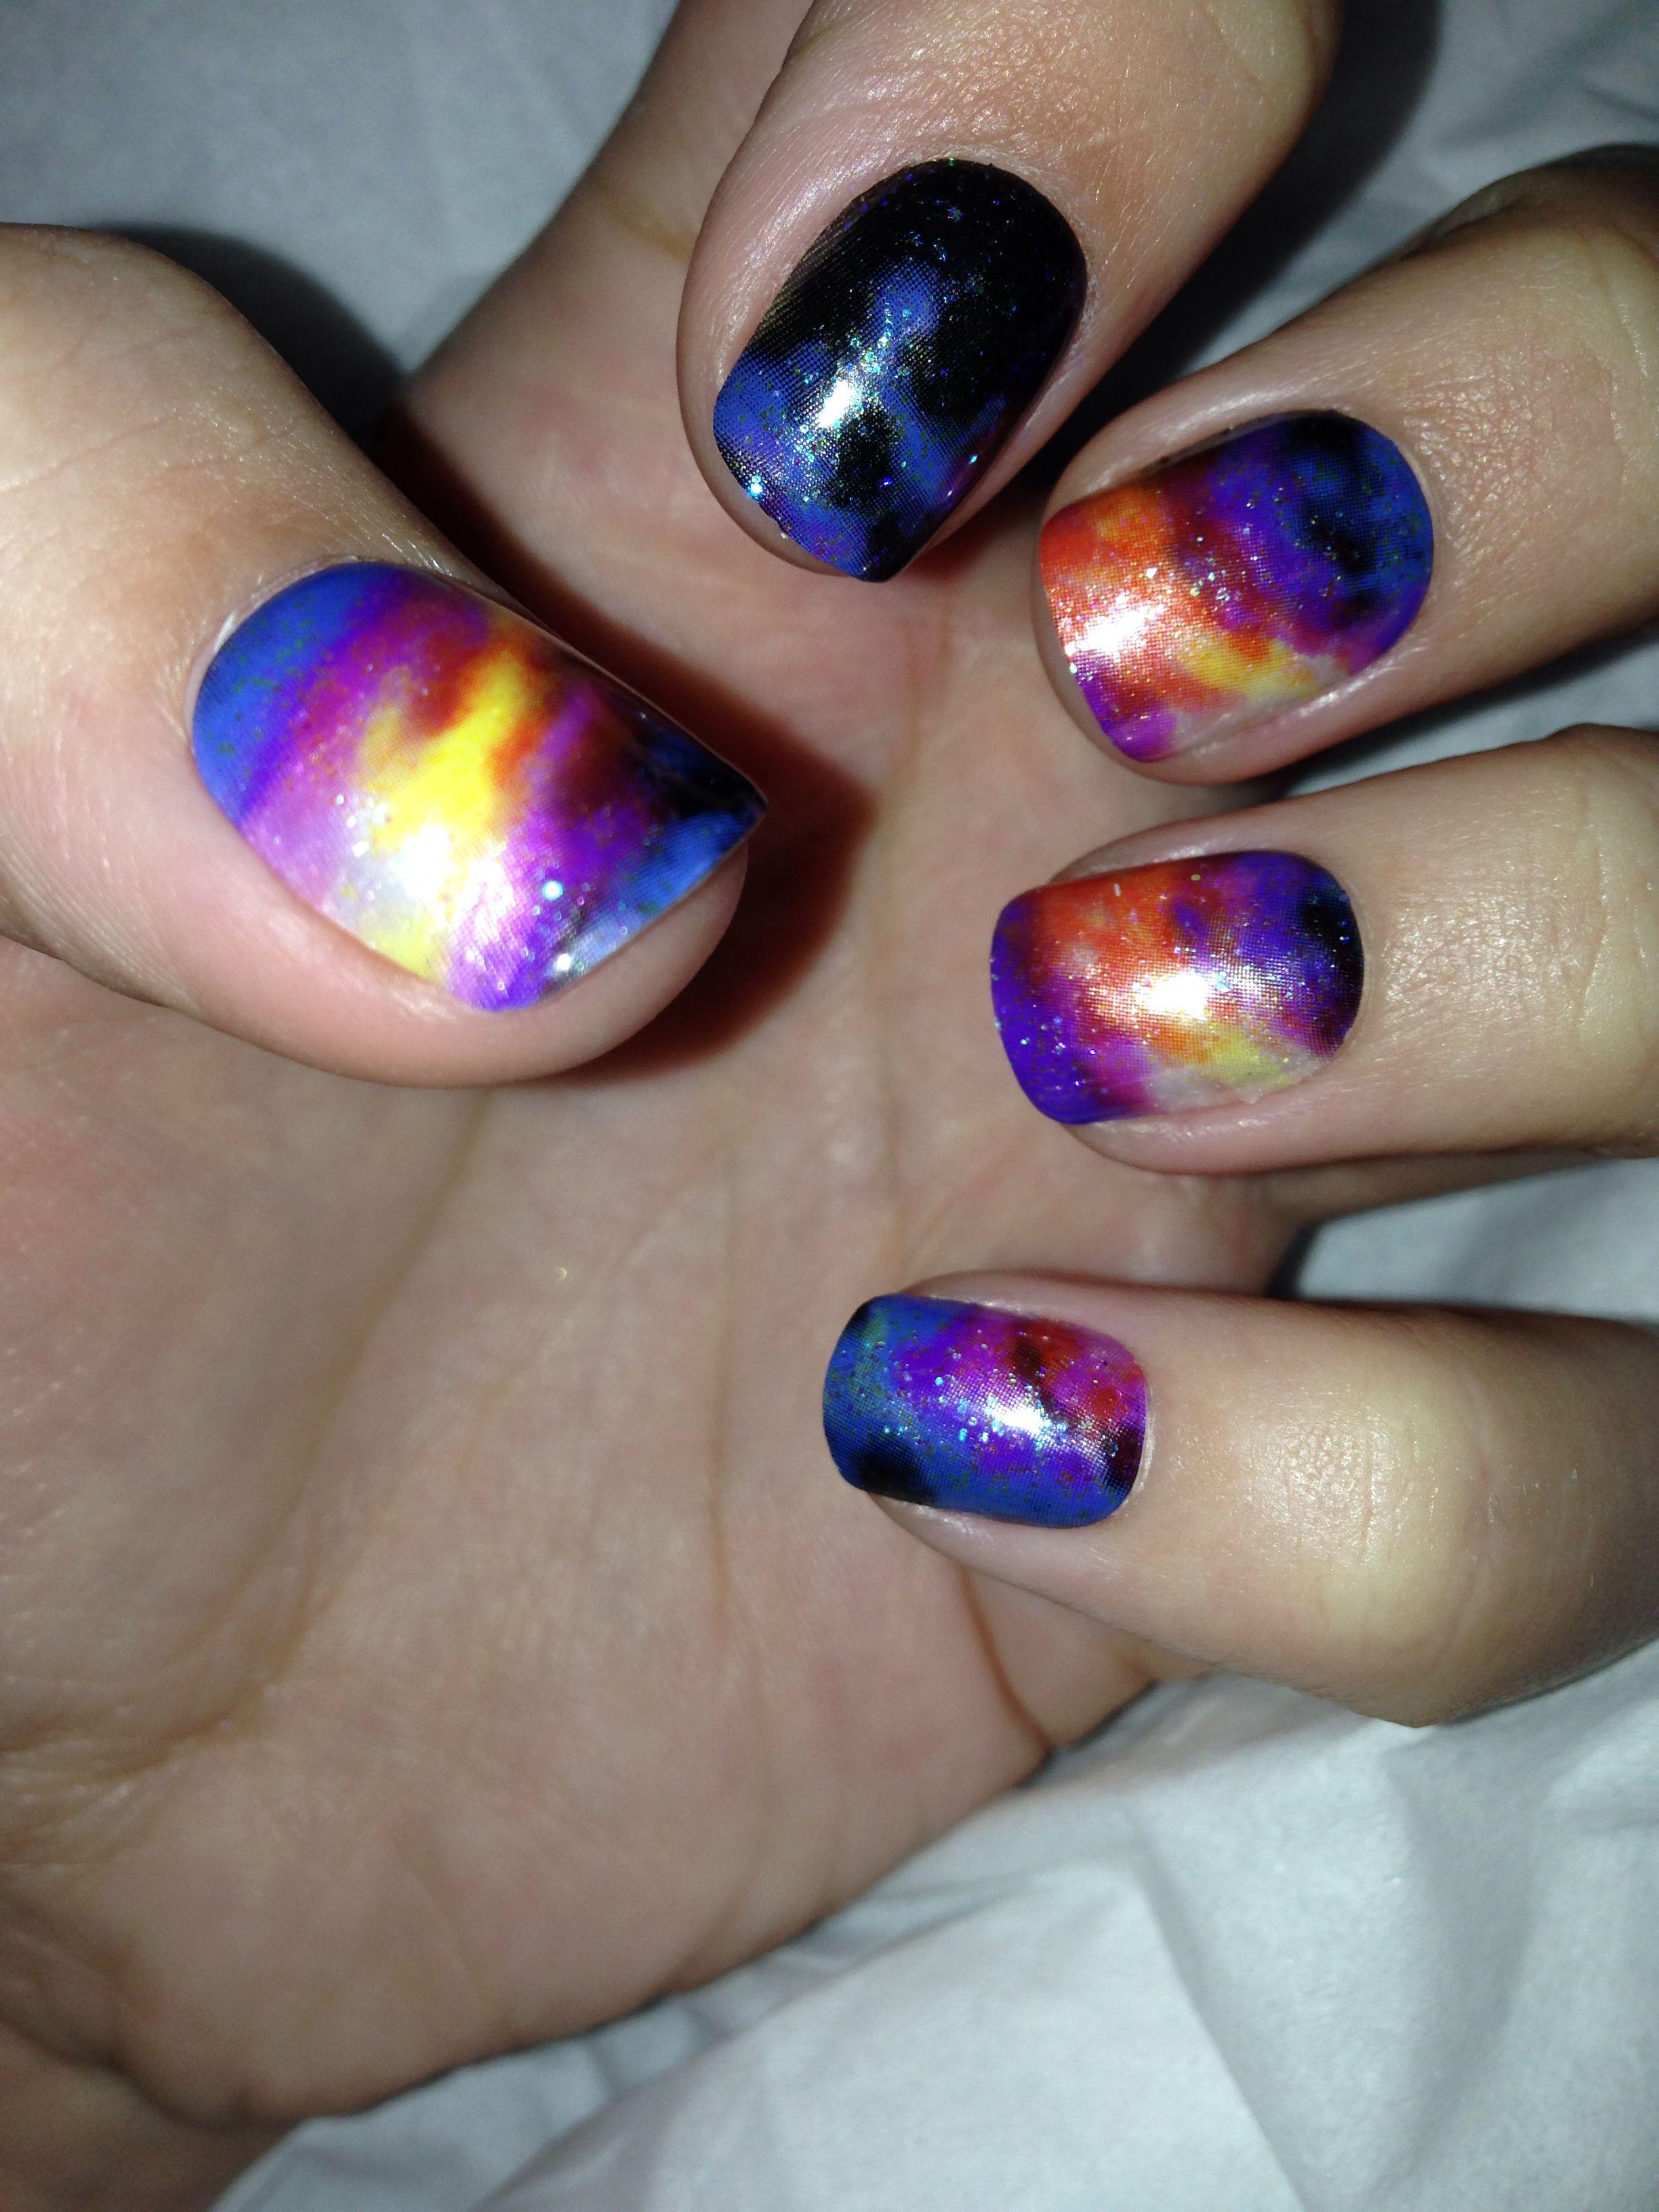 Galaxy impress manicure impress manicure manicure nails